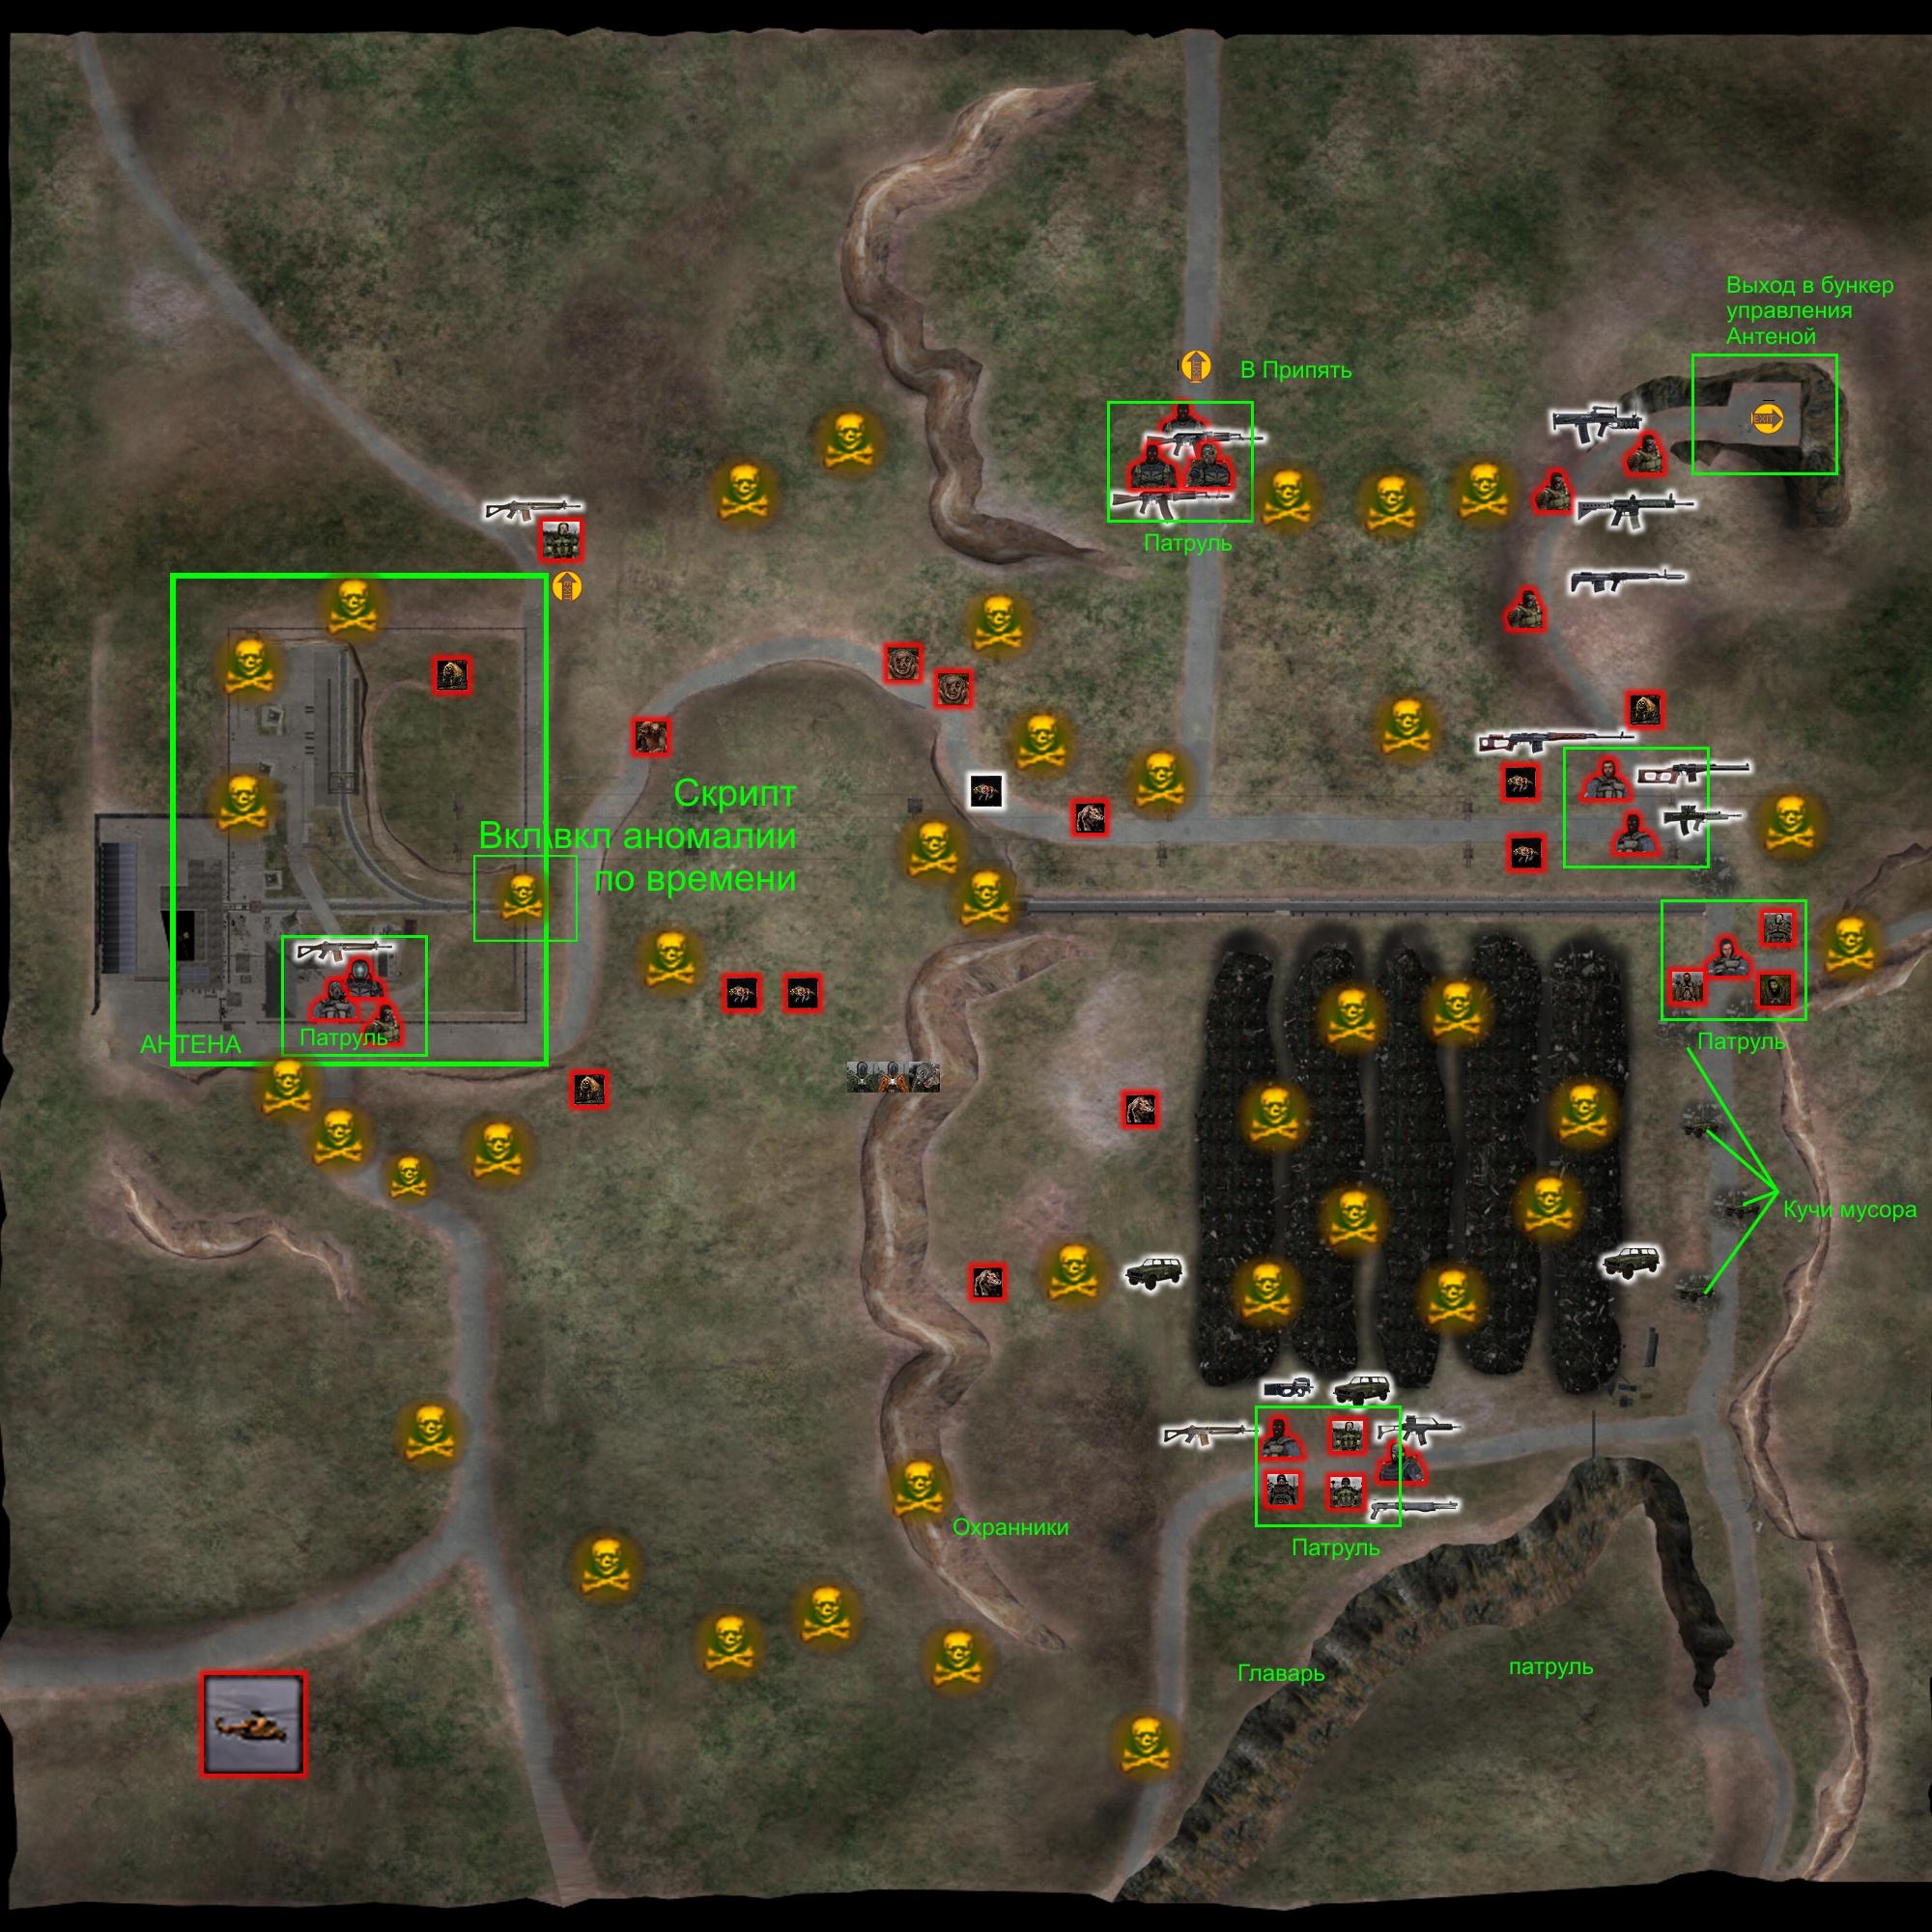 картинки всех карт с секретами в сталкер одной стороны